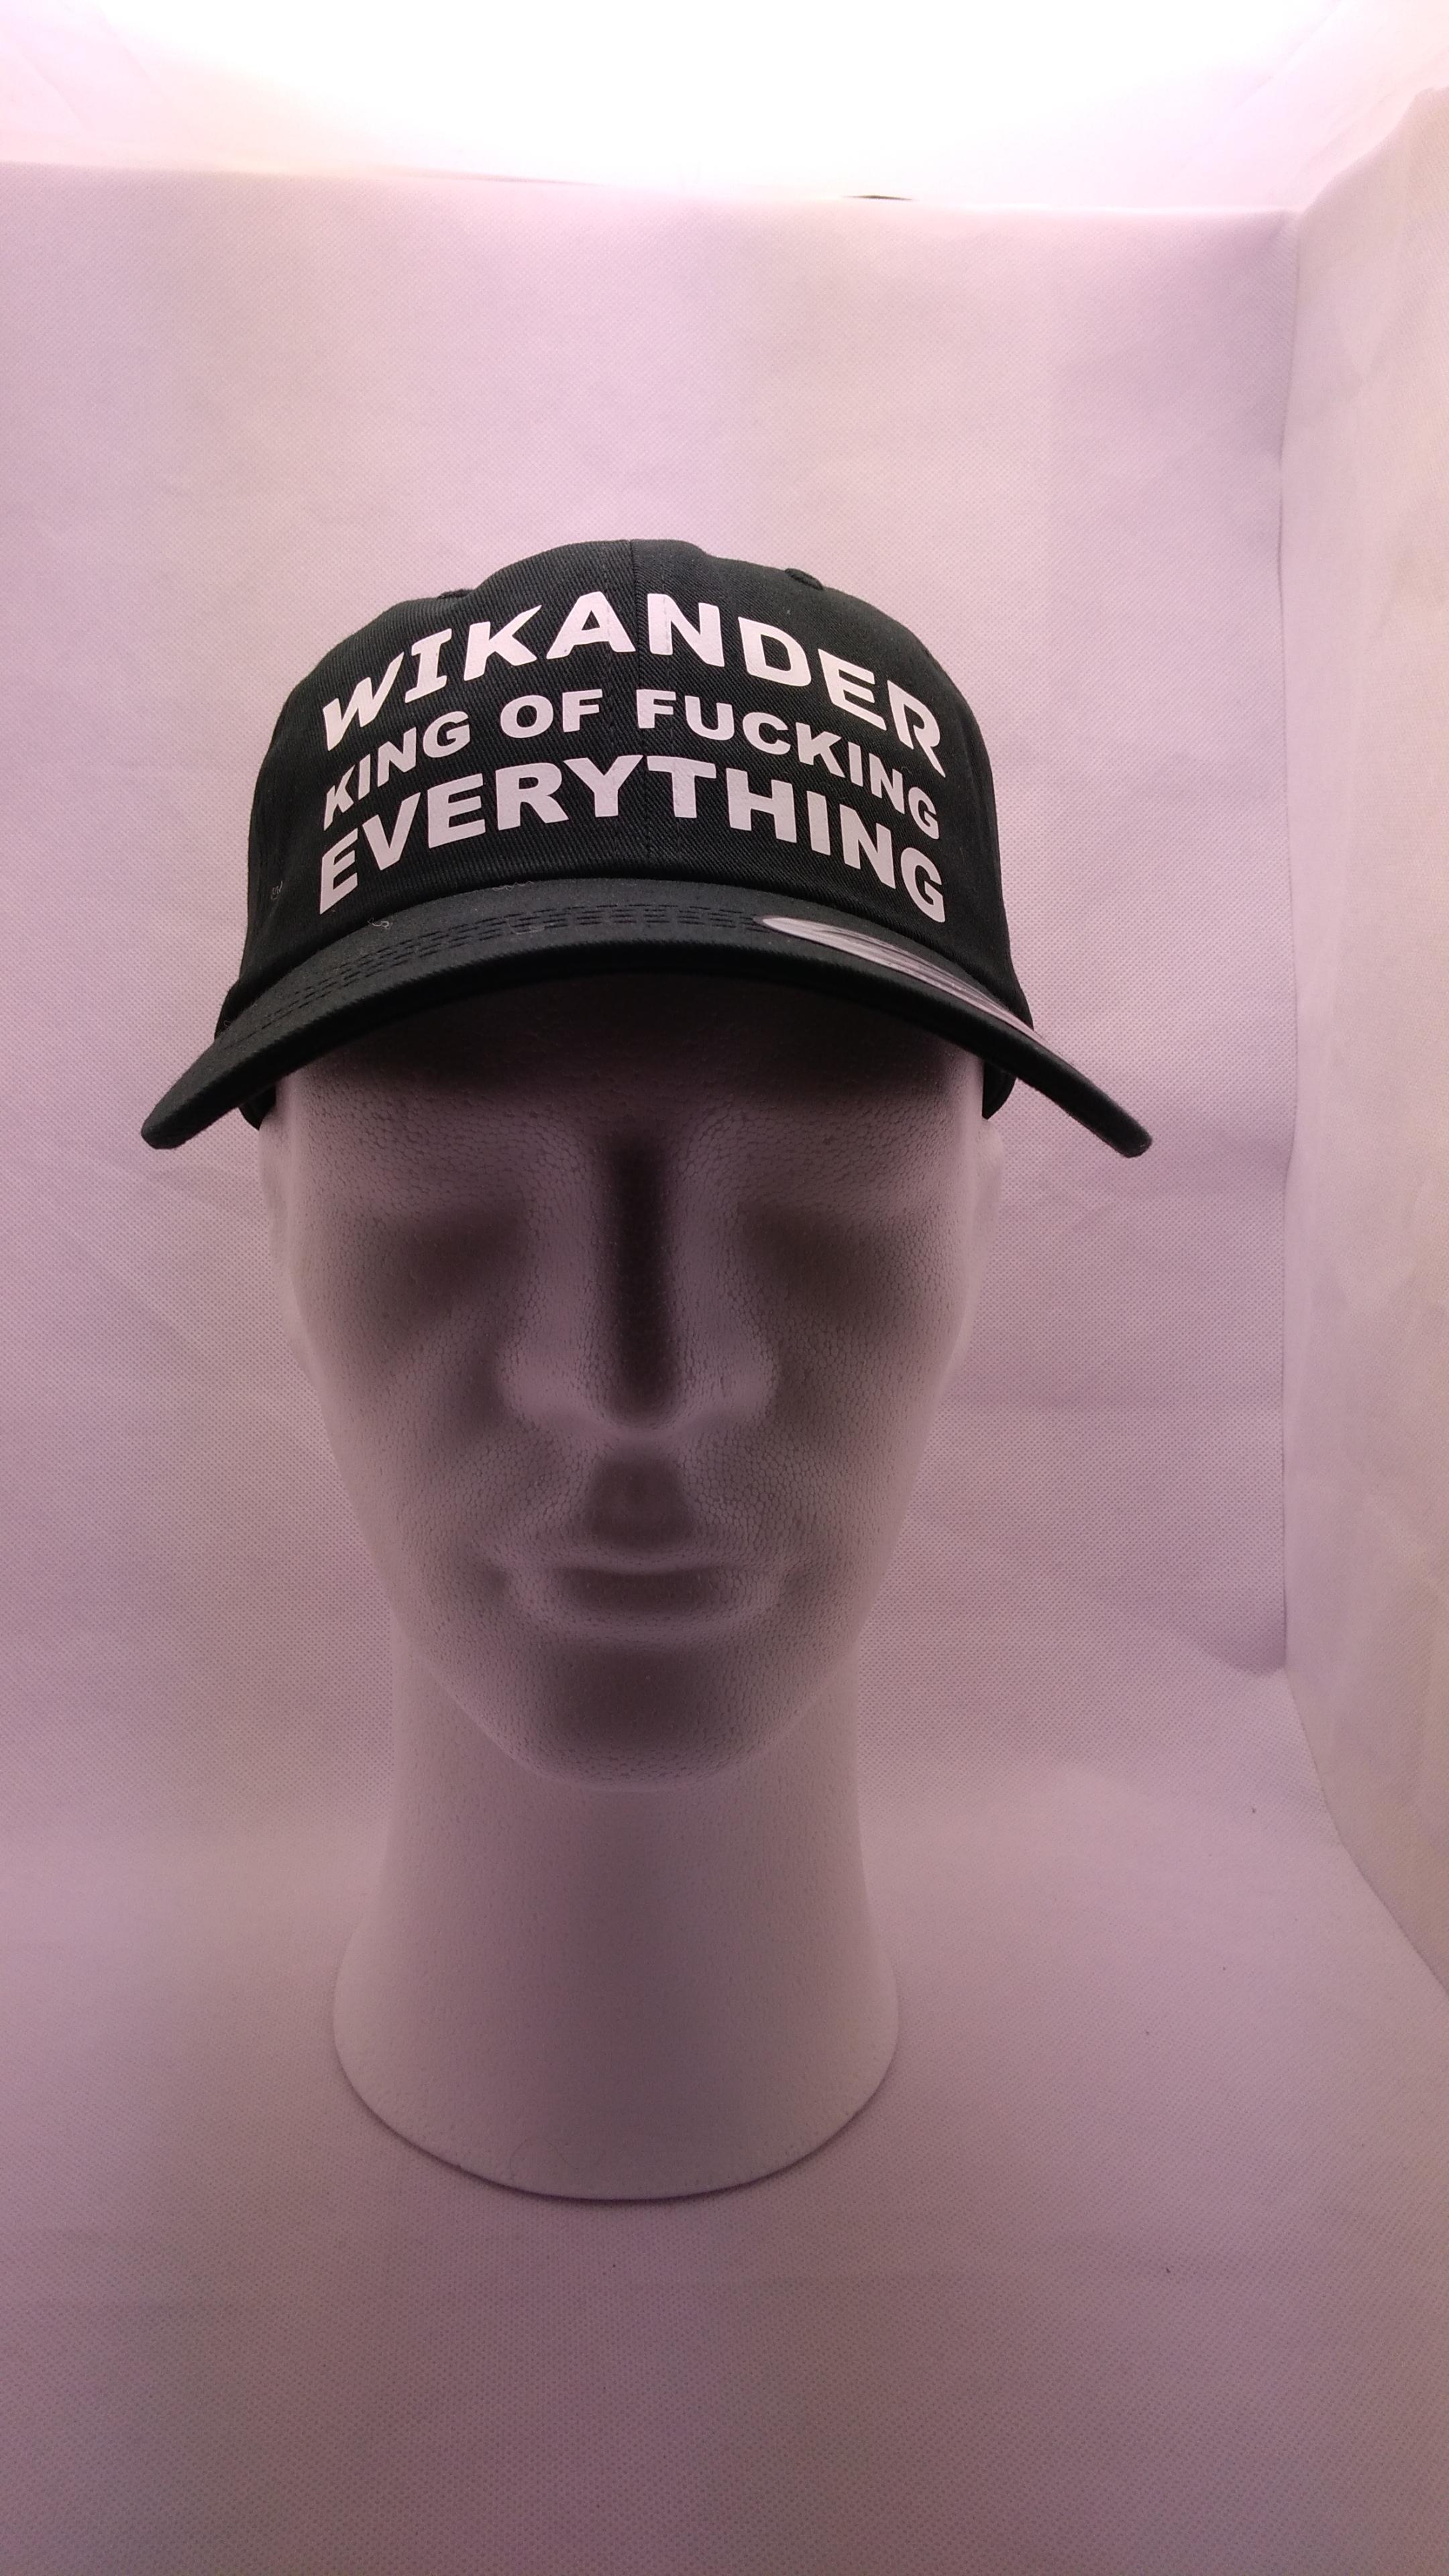 Wikander